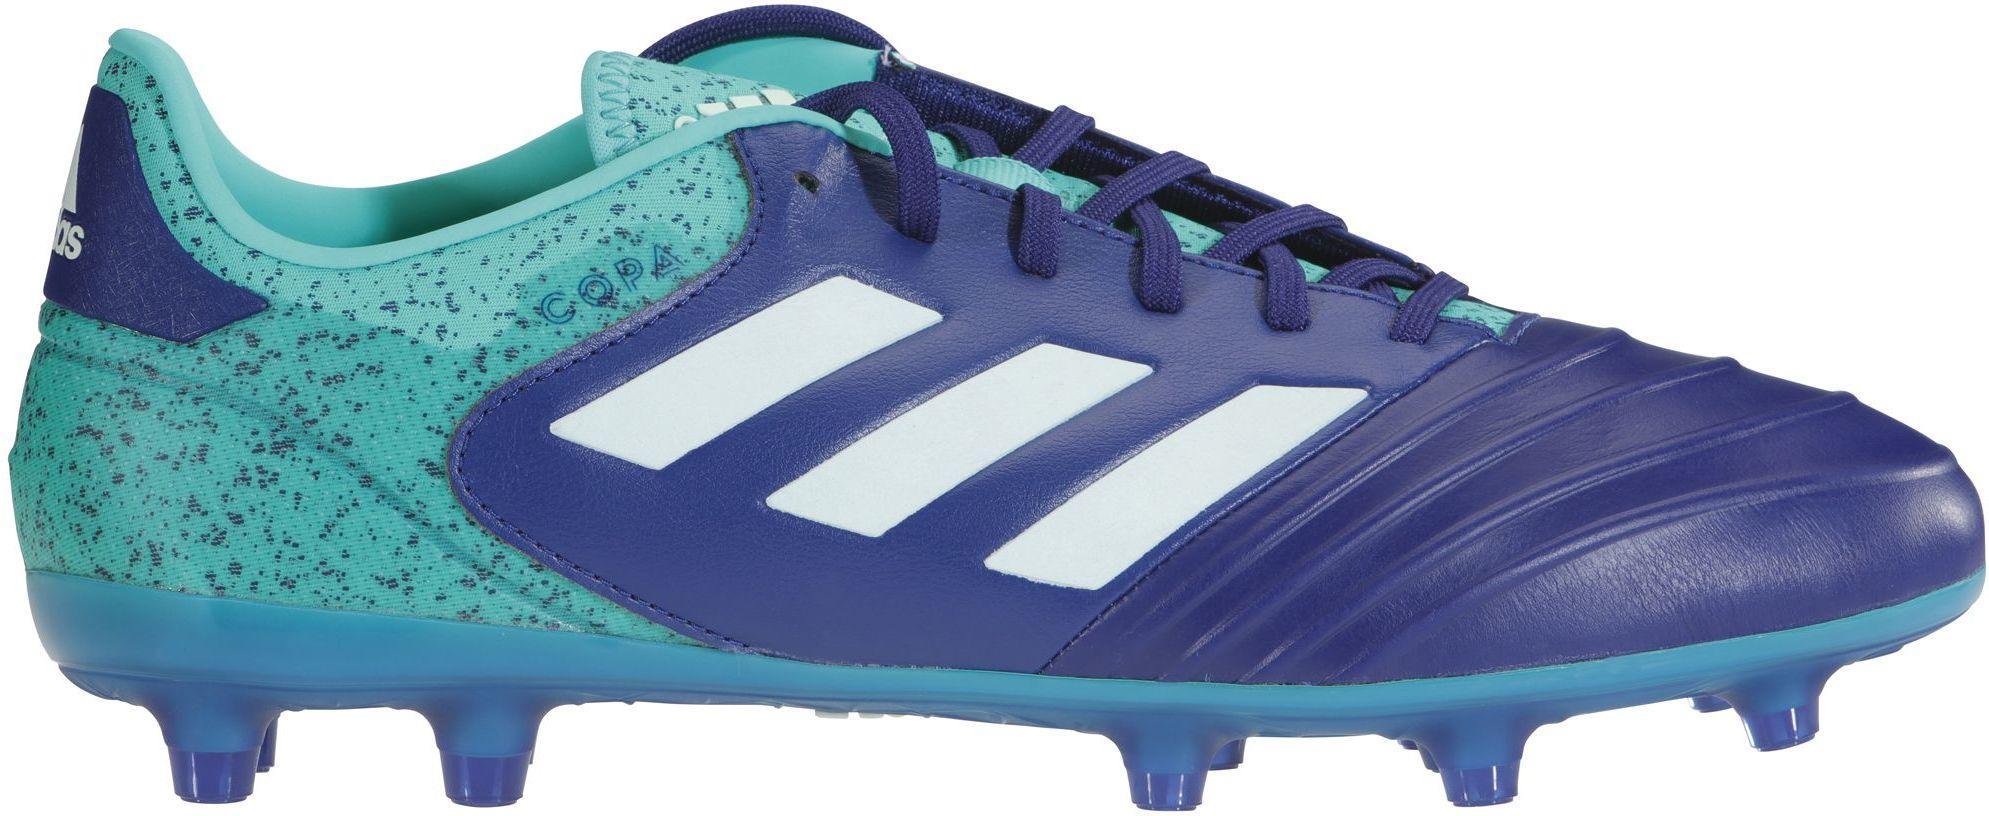 Best pris på Adidas Copa 18.2 FG AG - Se priser før kjøp i Prisguiden 7d0007472f35f